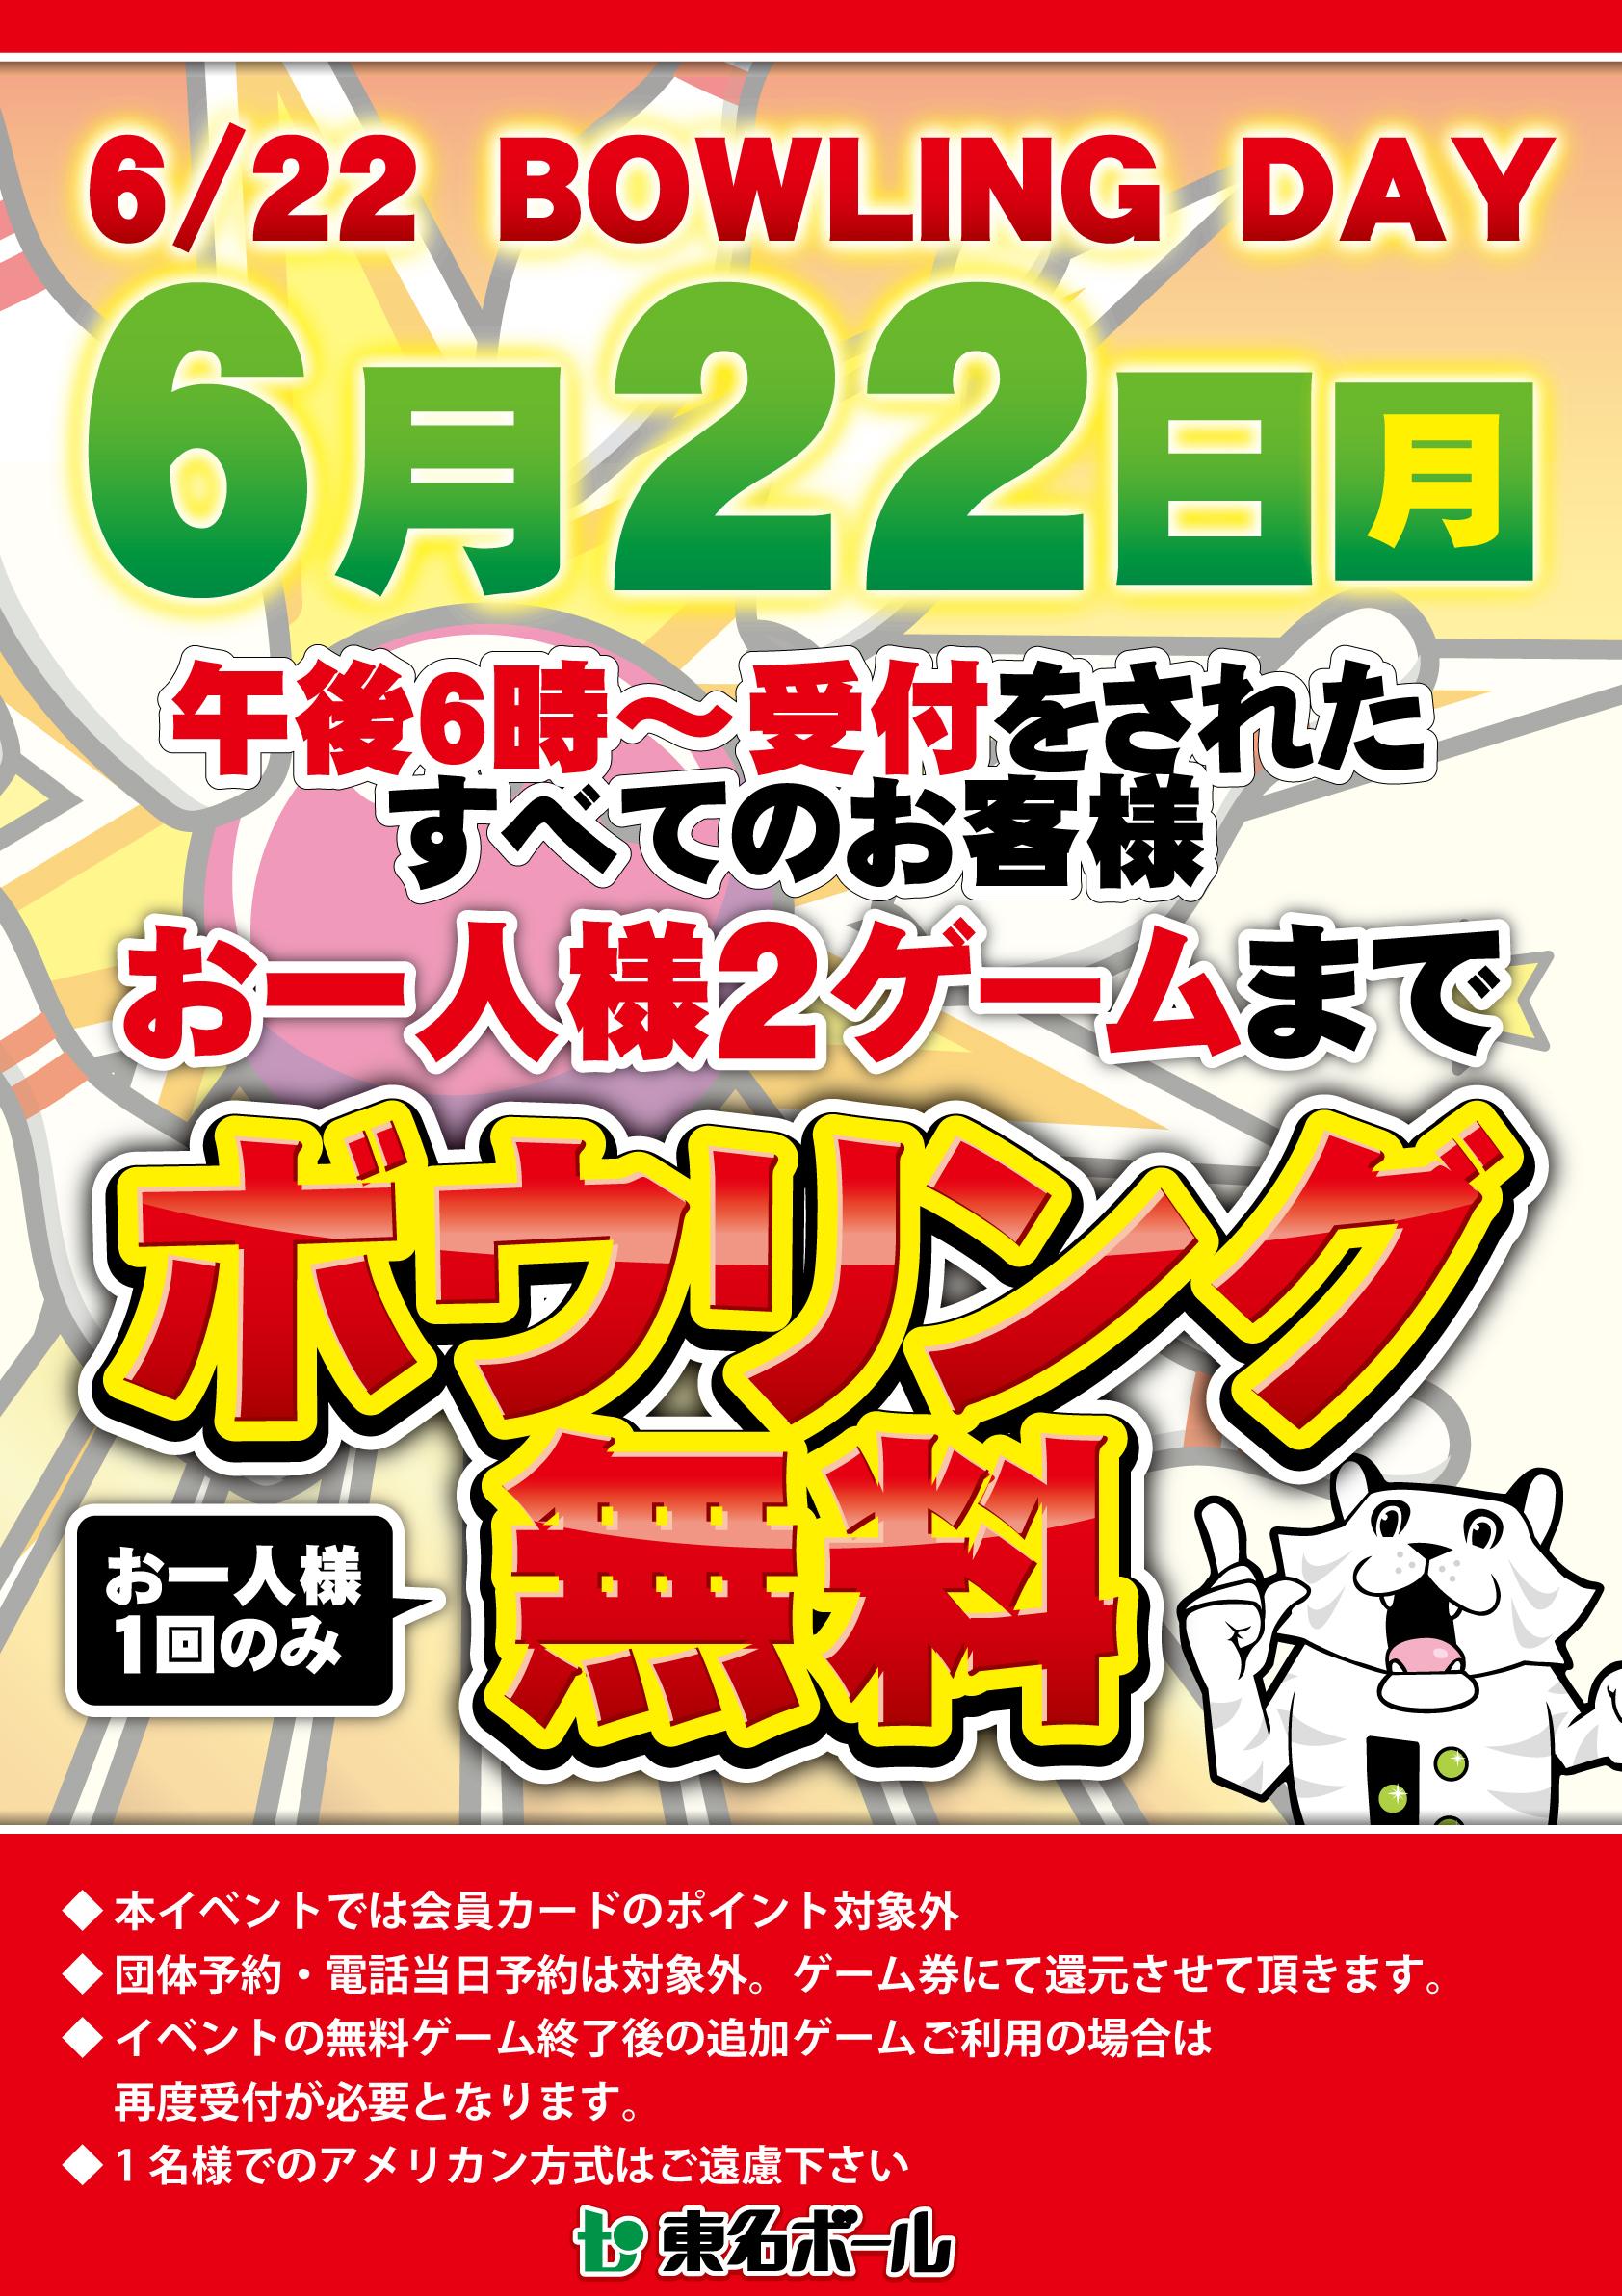 ★6月22日はボウリングの日★お得にボウリングを楽しもう!